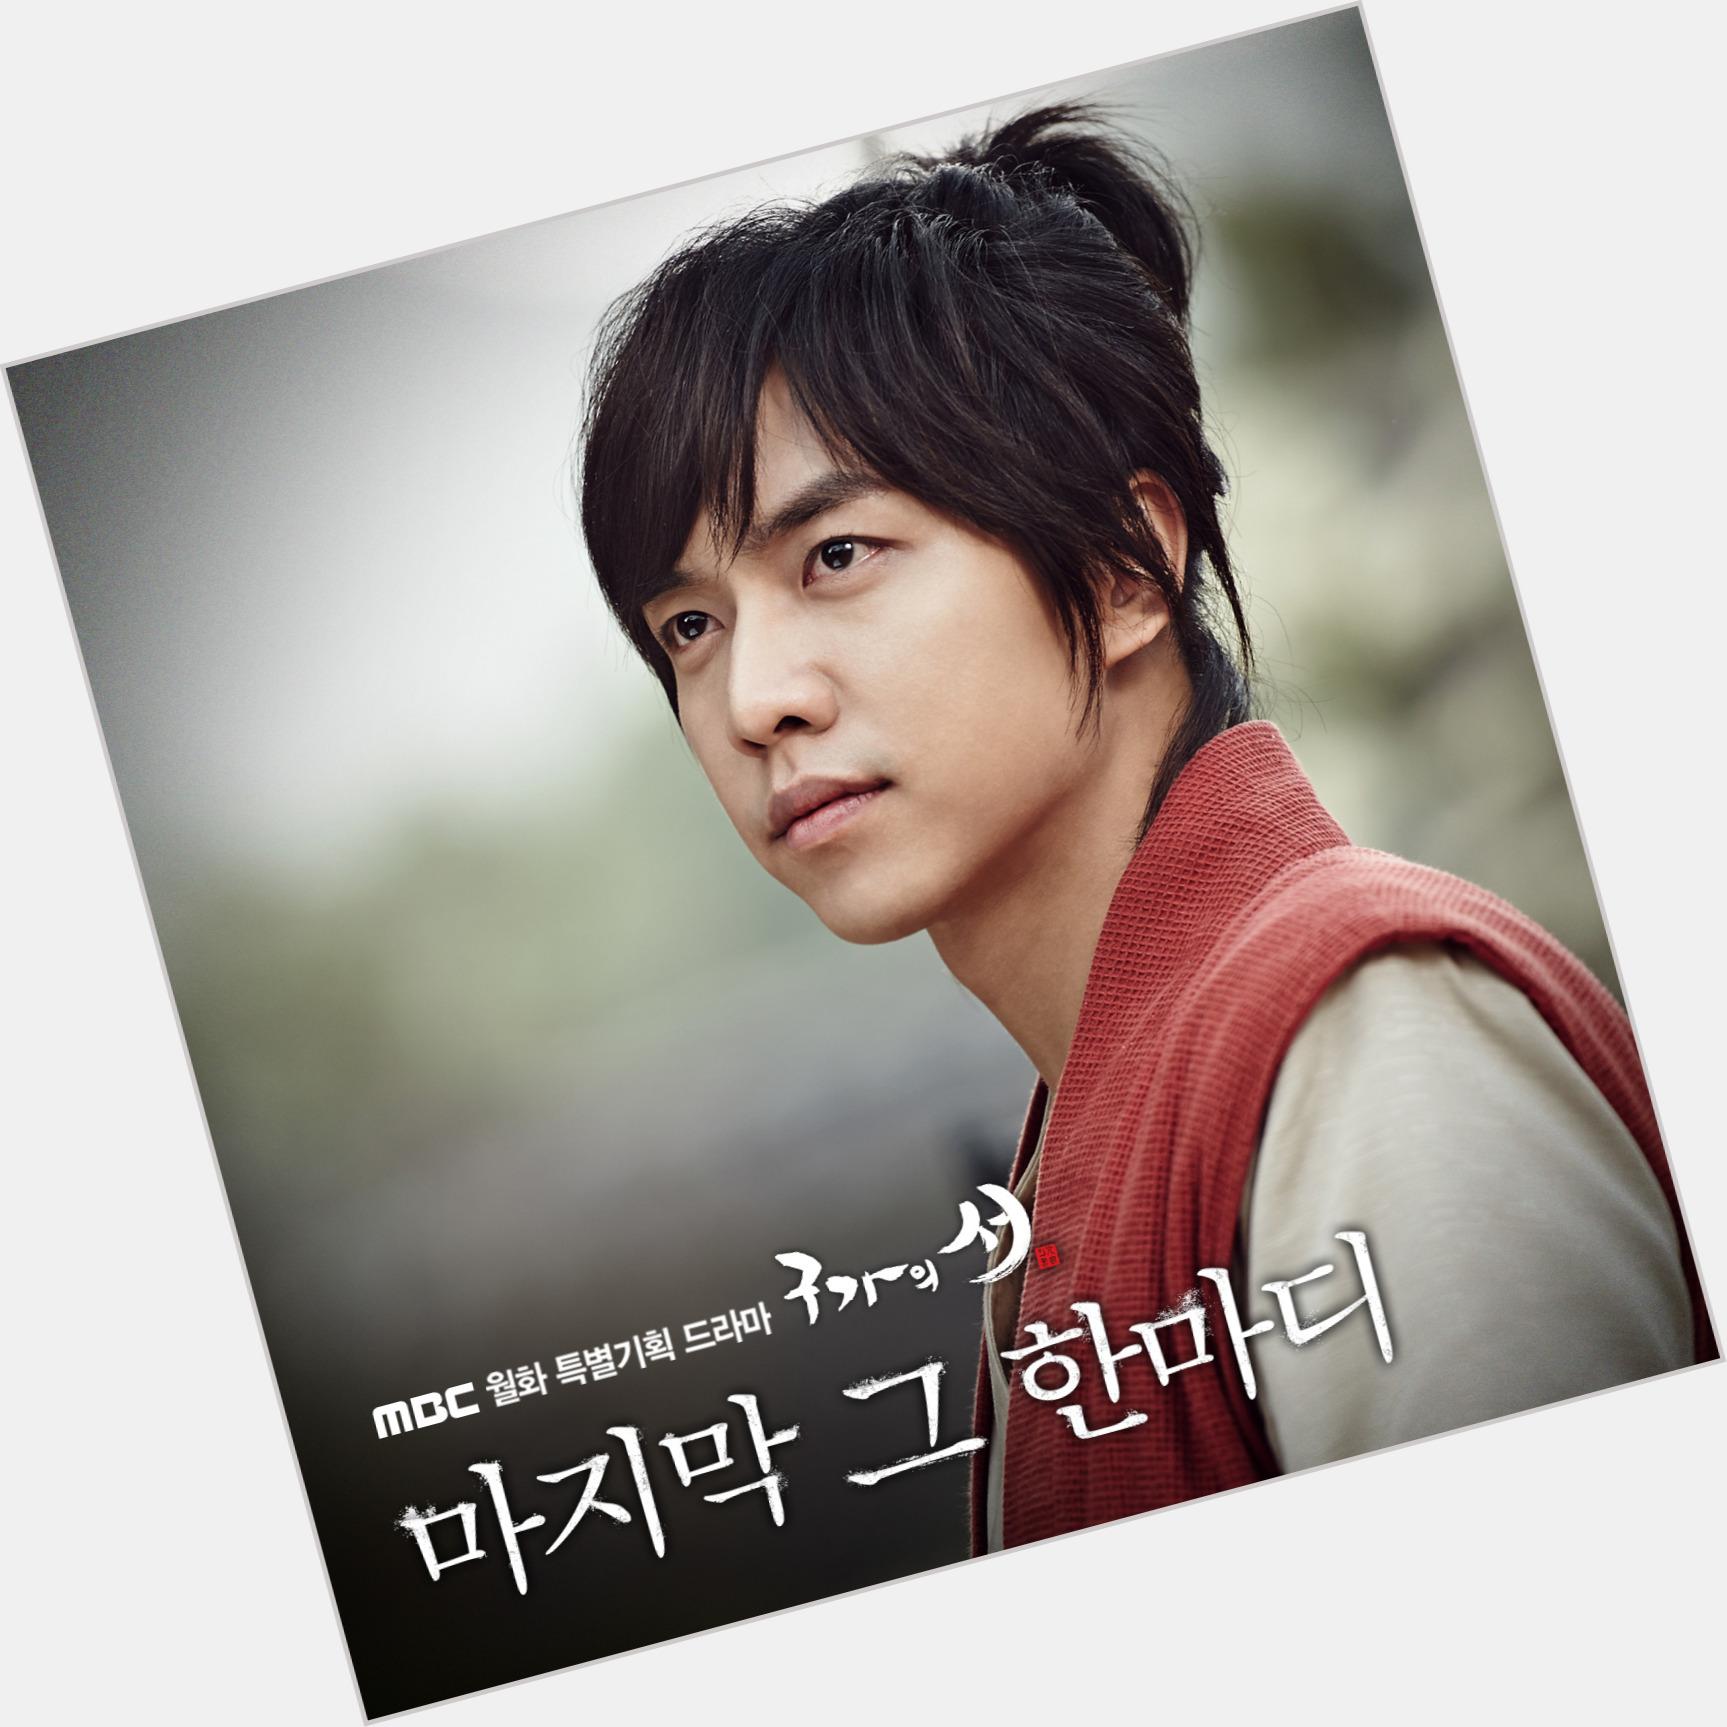 Lee Seung gi new pic 1